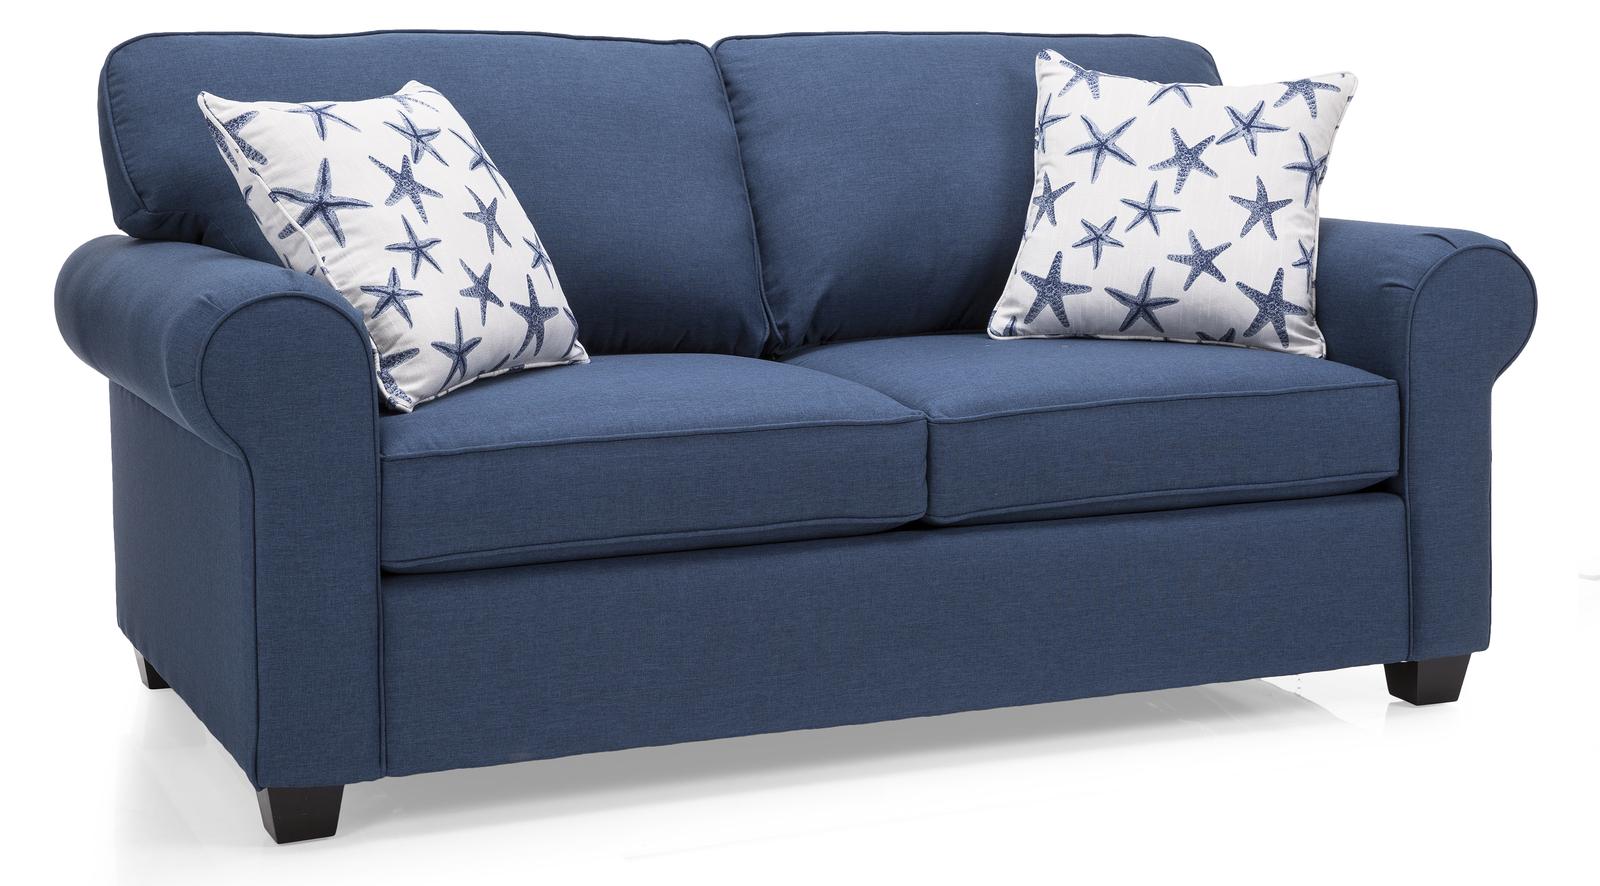 2179 Double Sofa Bed Sleeper